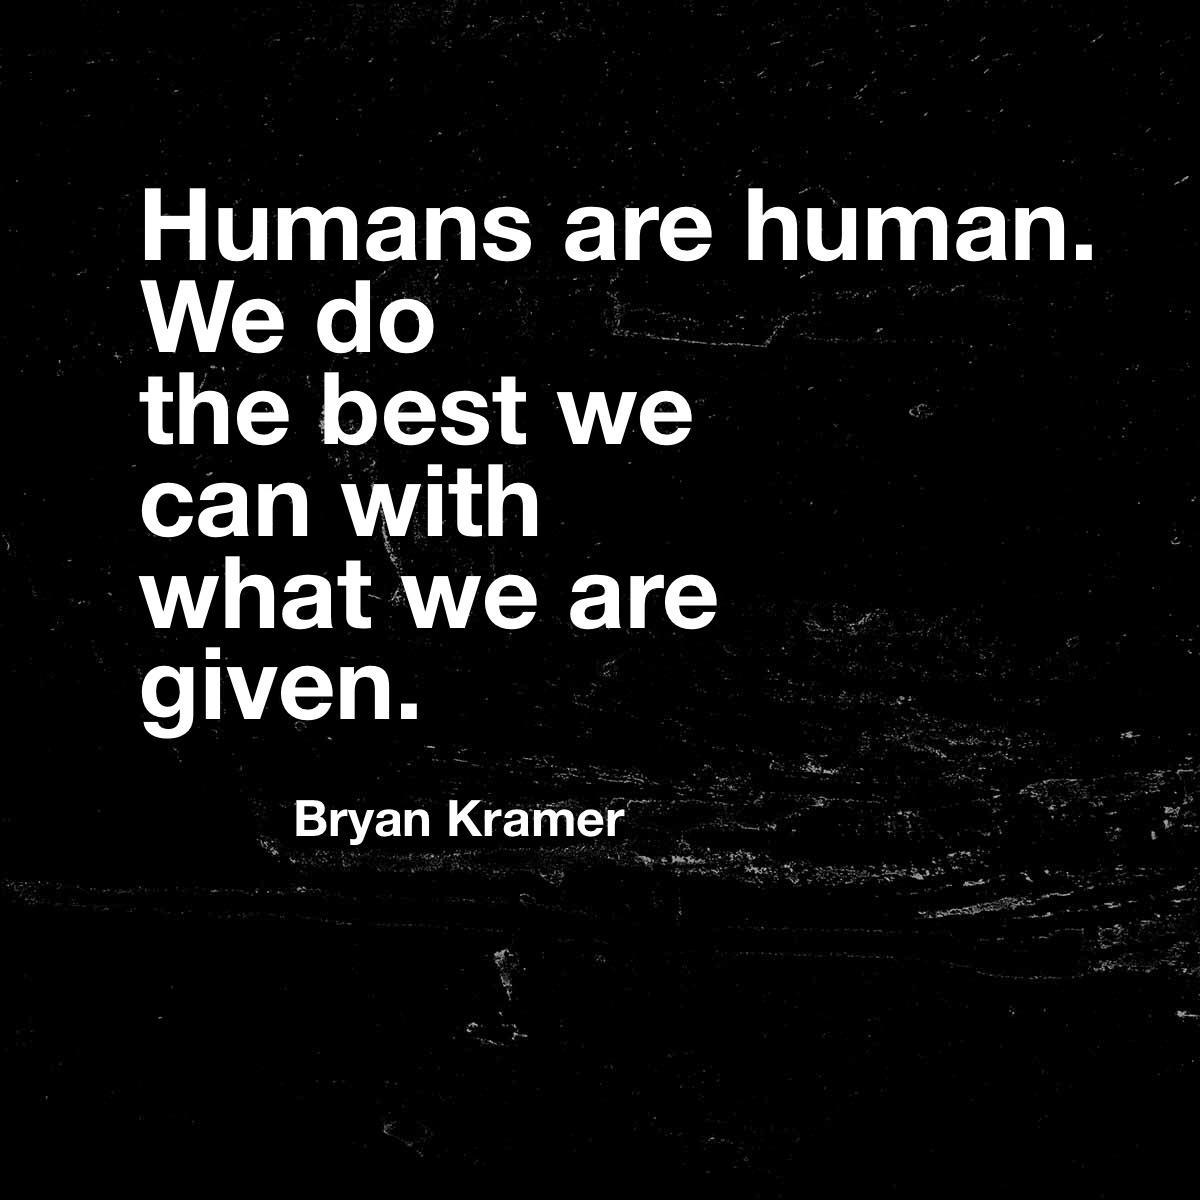 Bryan Kramer on Twitter: